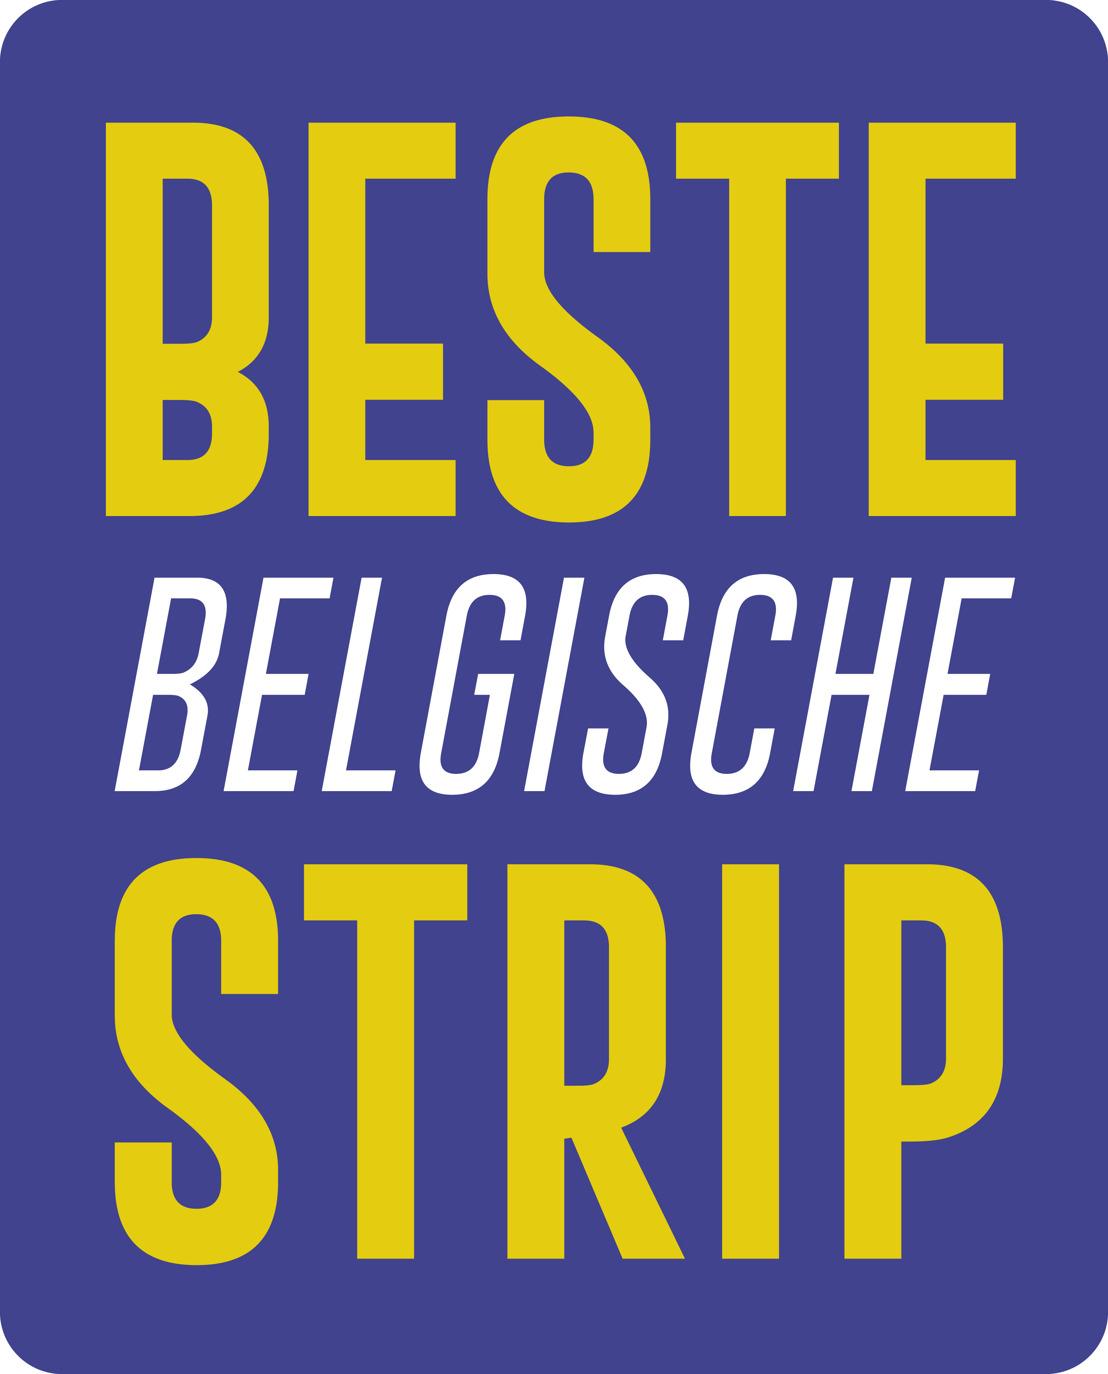 Boek.be, Stripgids en Radio 1 gaan op zoek naar de Beste Belgische Strip